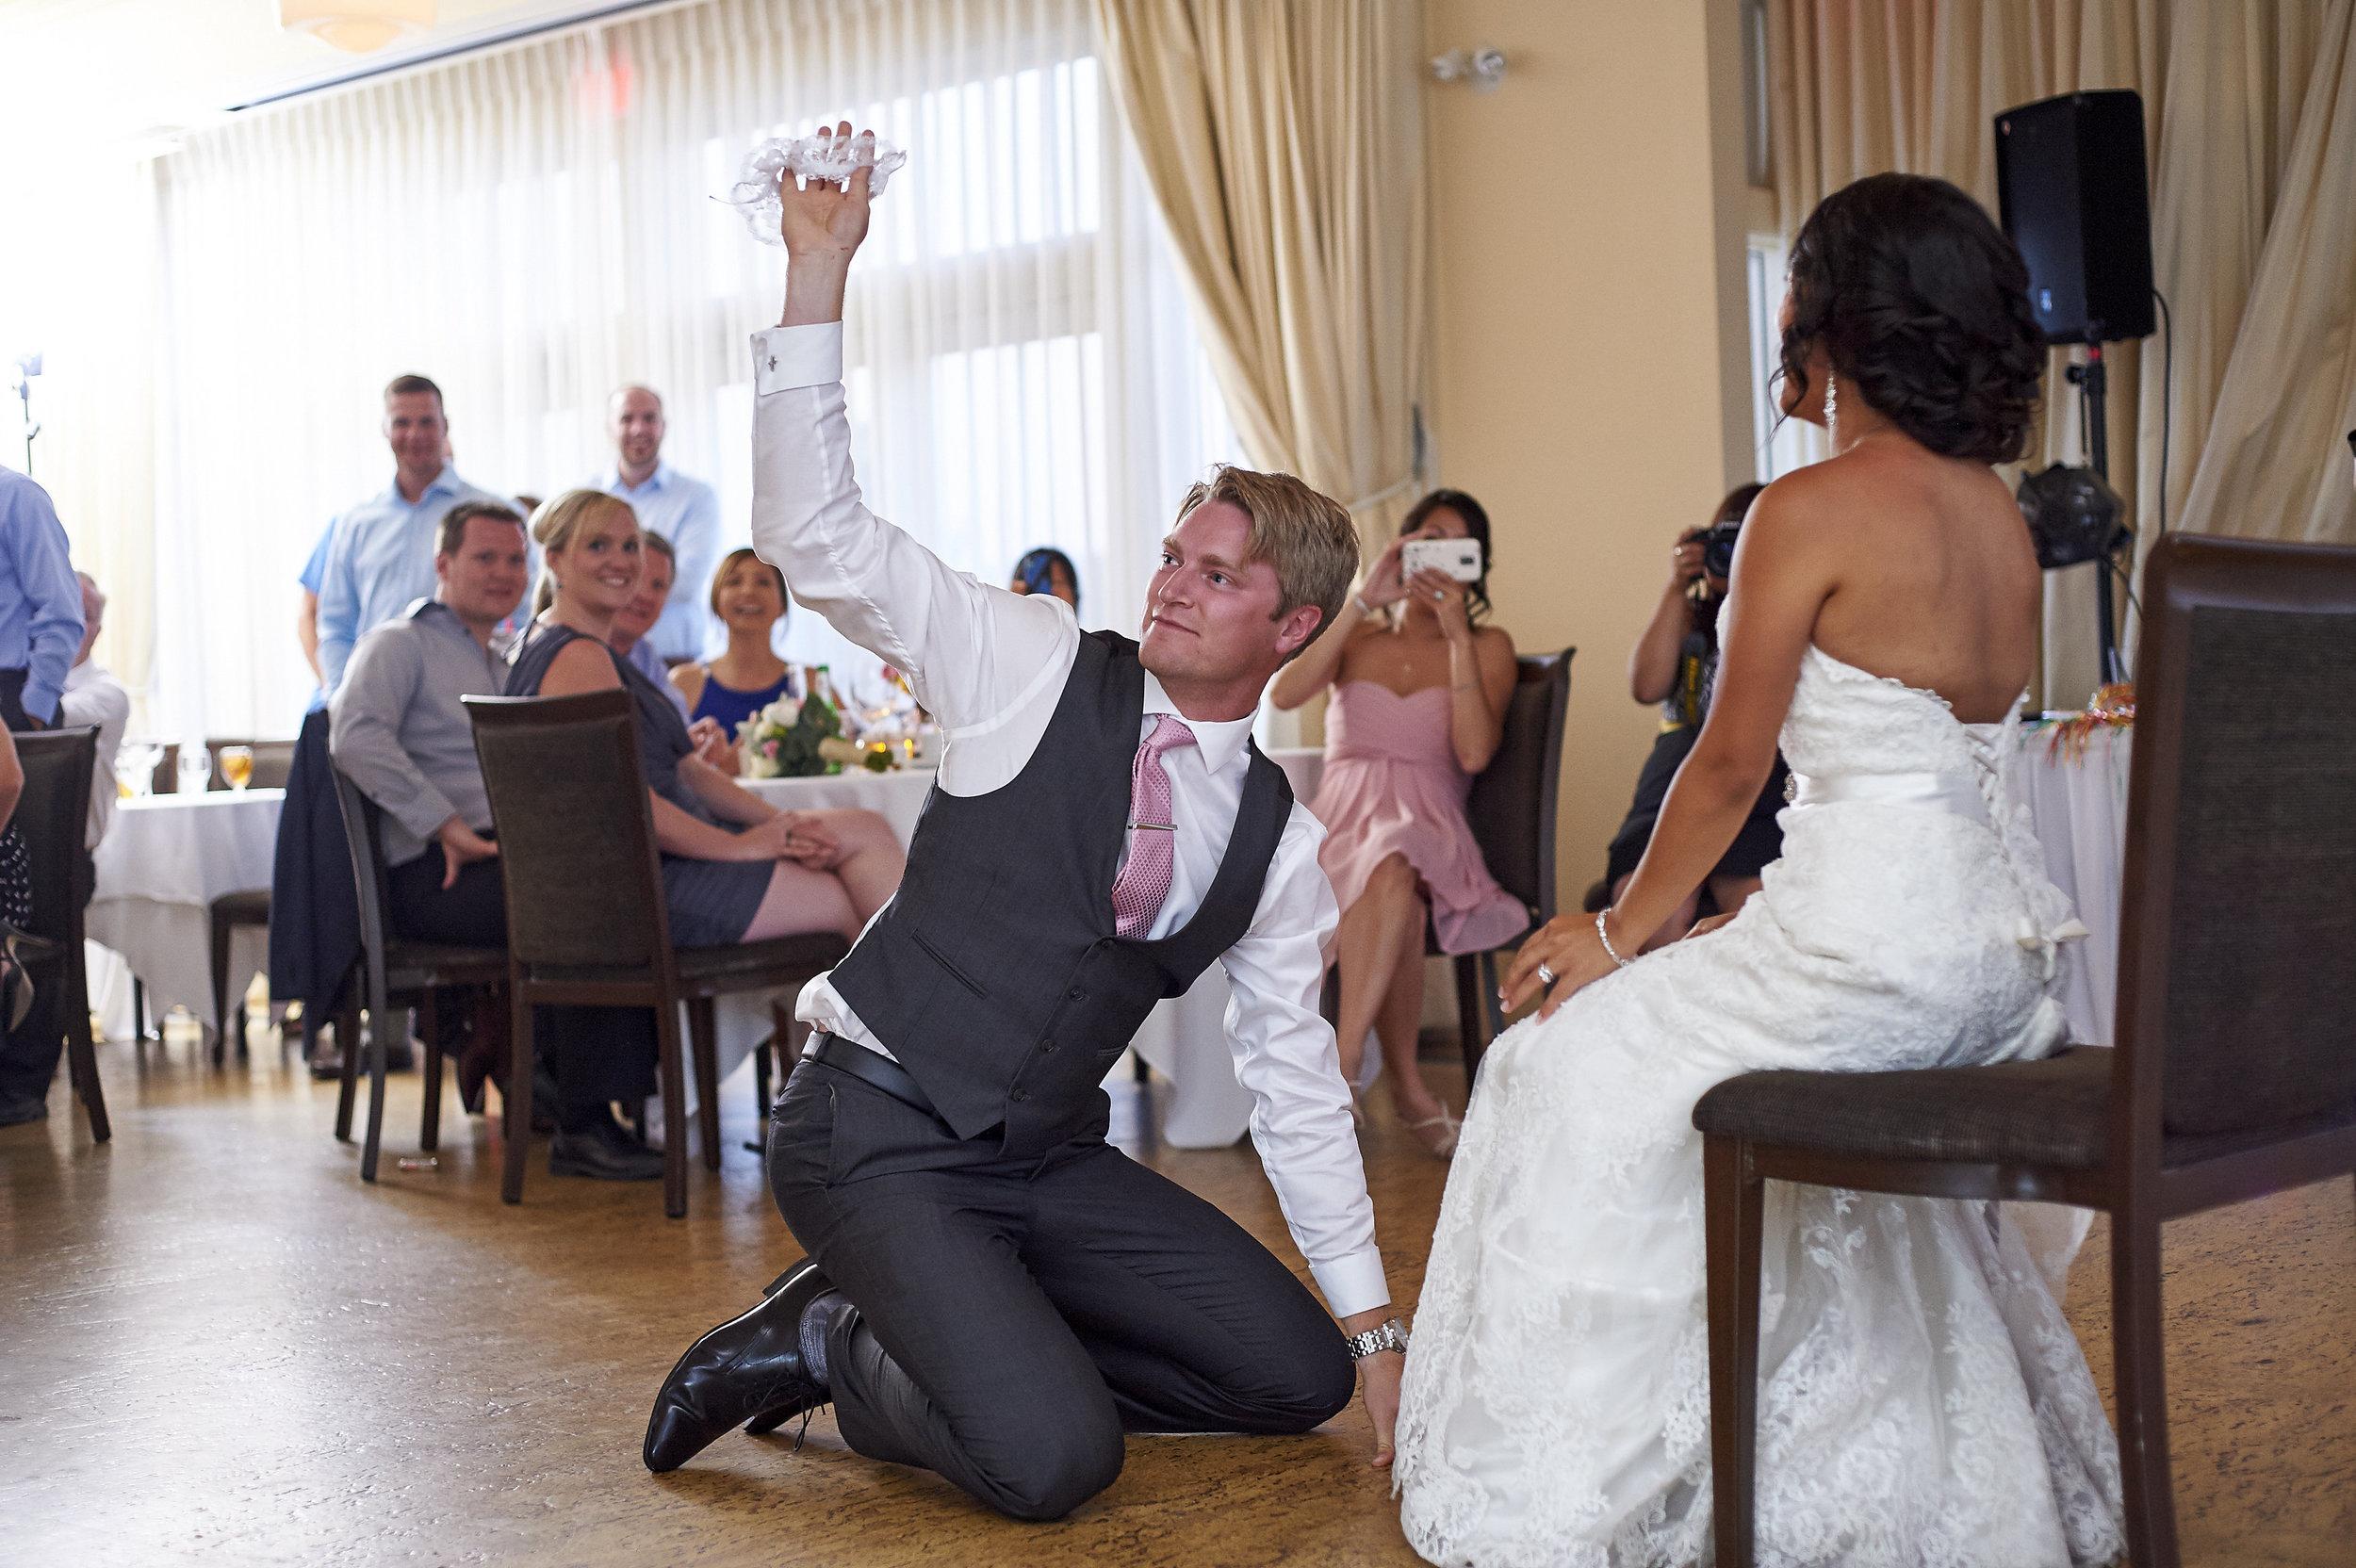 The garter toss